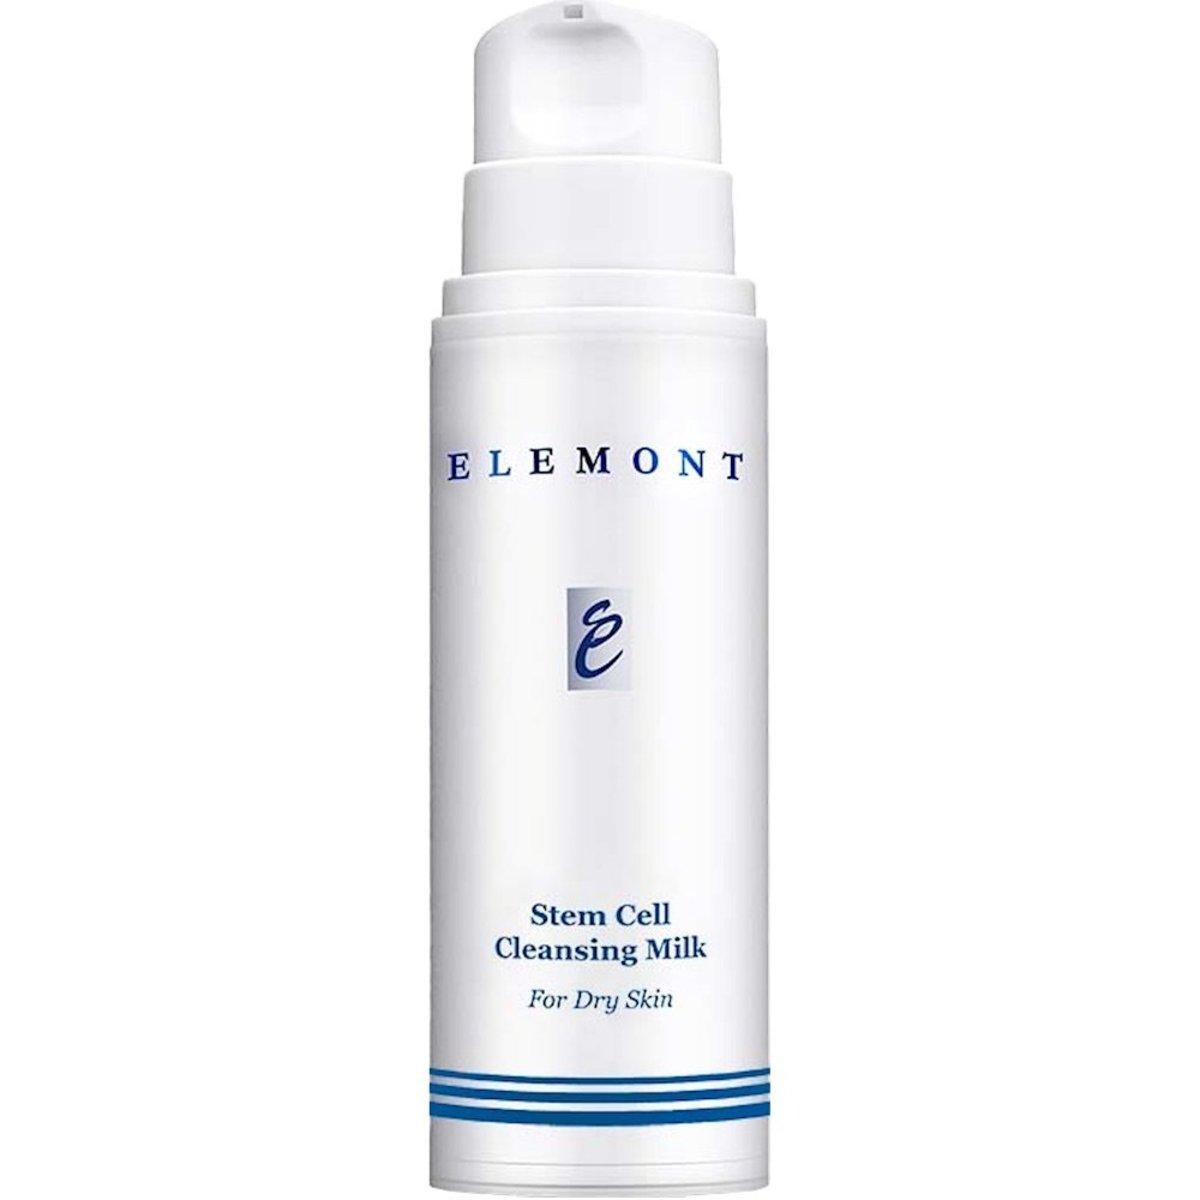 Stem Cell Cleansing Milk (For Dry Skin)